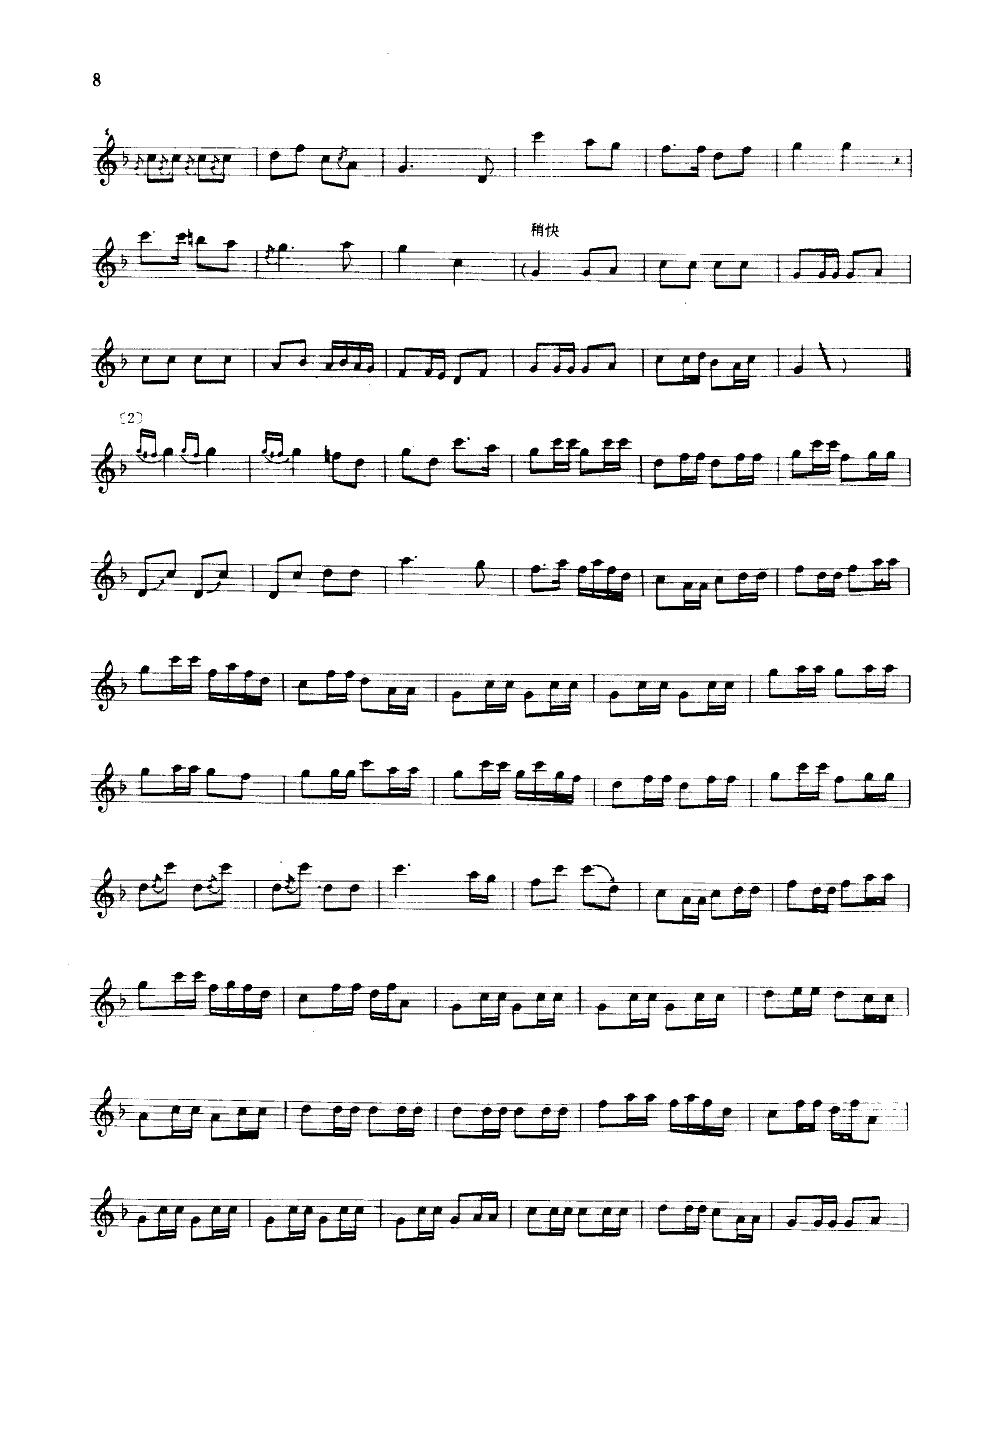 冯子存/挂红灯(笛子独奏)(线谱)